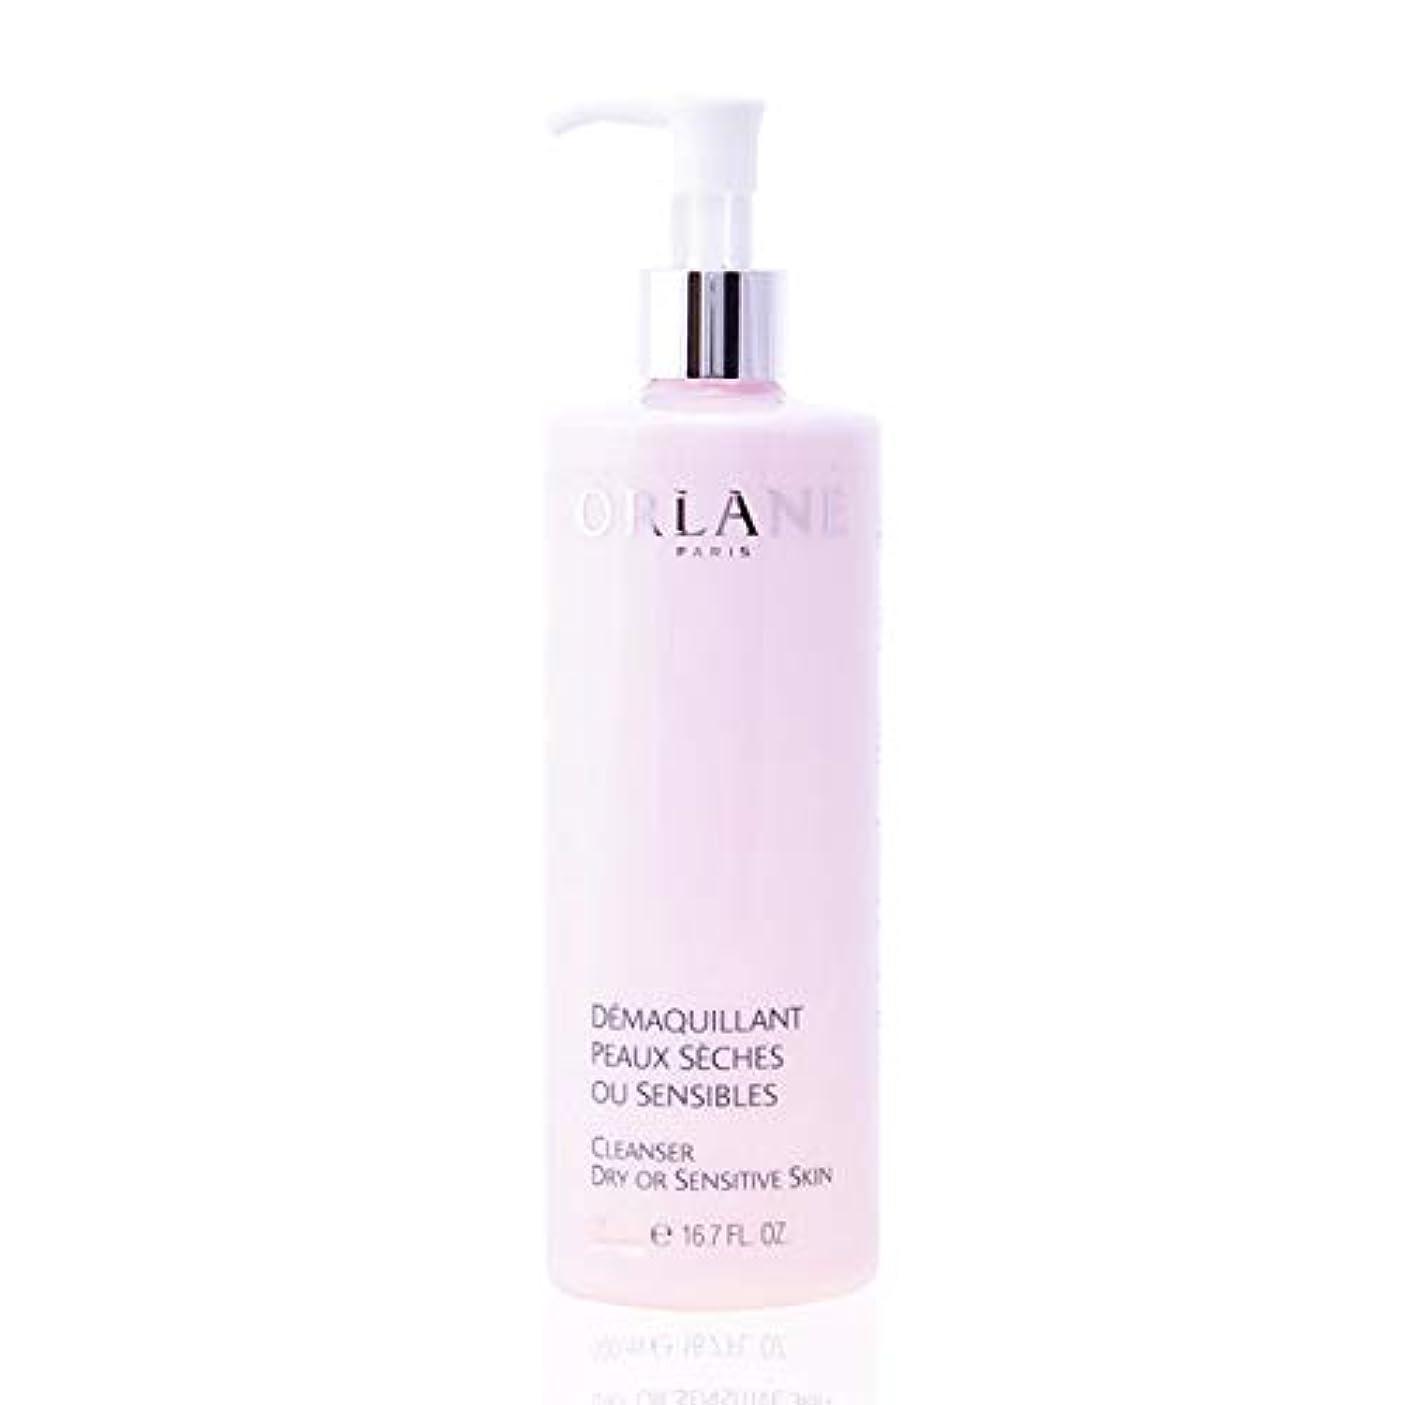 体系的に速度メニューオルラーヌ Cleanser For Dry Or Sensitive Skin (Salon Product) 400ml/13oz並行輸入品